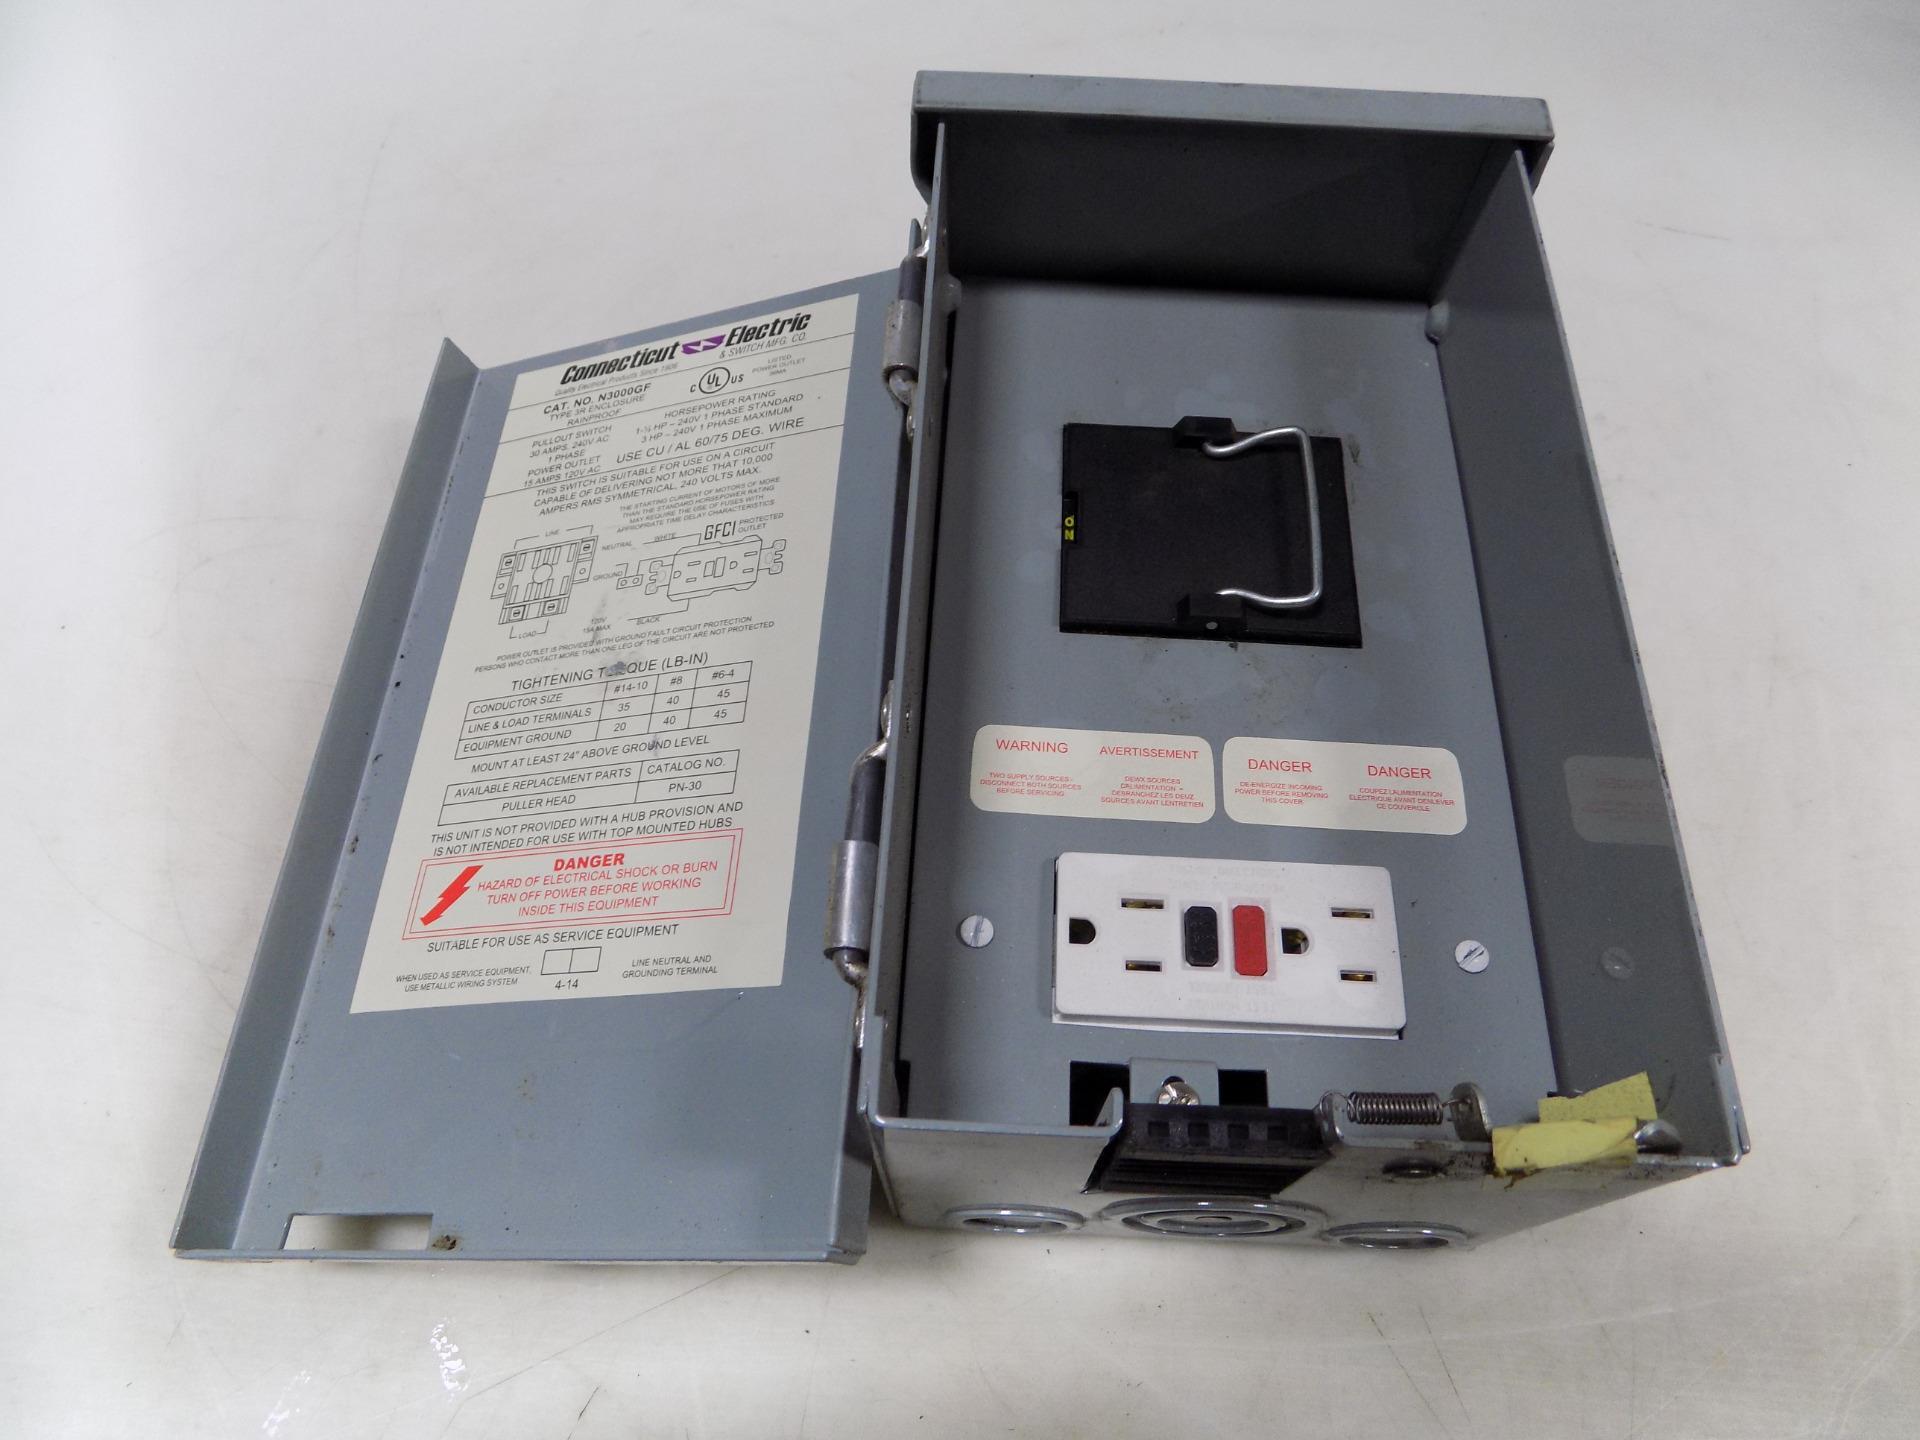 connecticut electric type 3r enclosure rainproof n3000gf nnb ebay rh ebay com